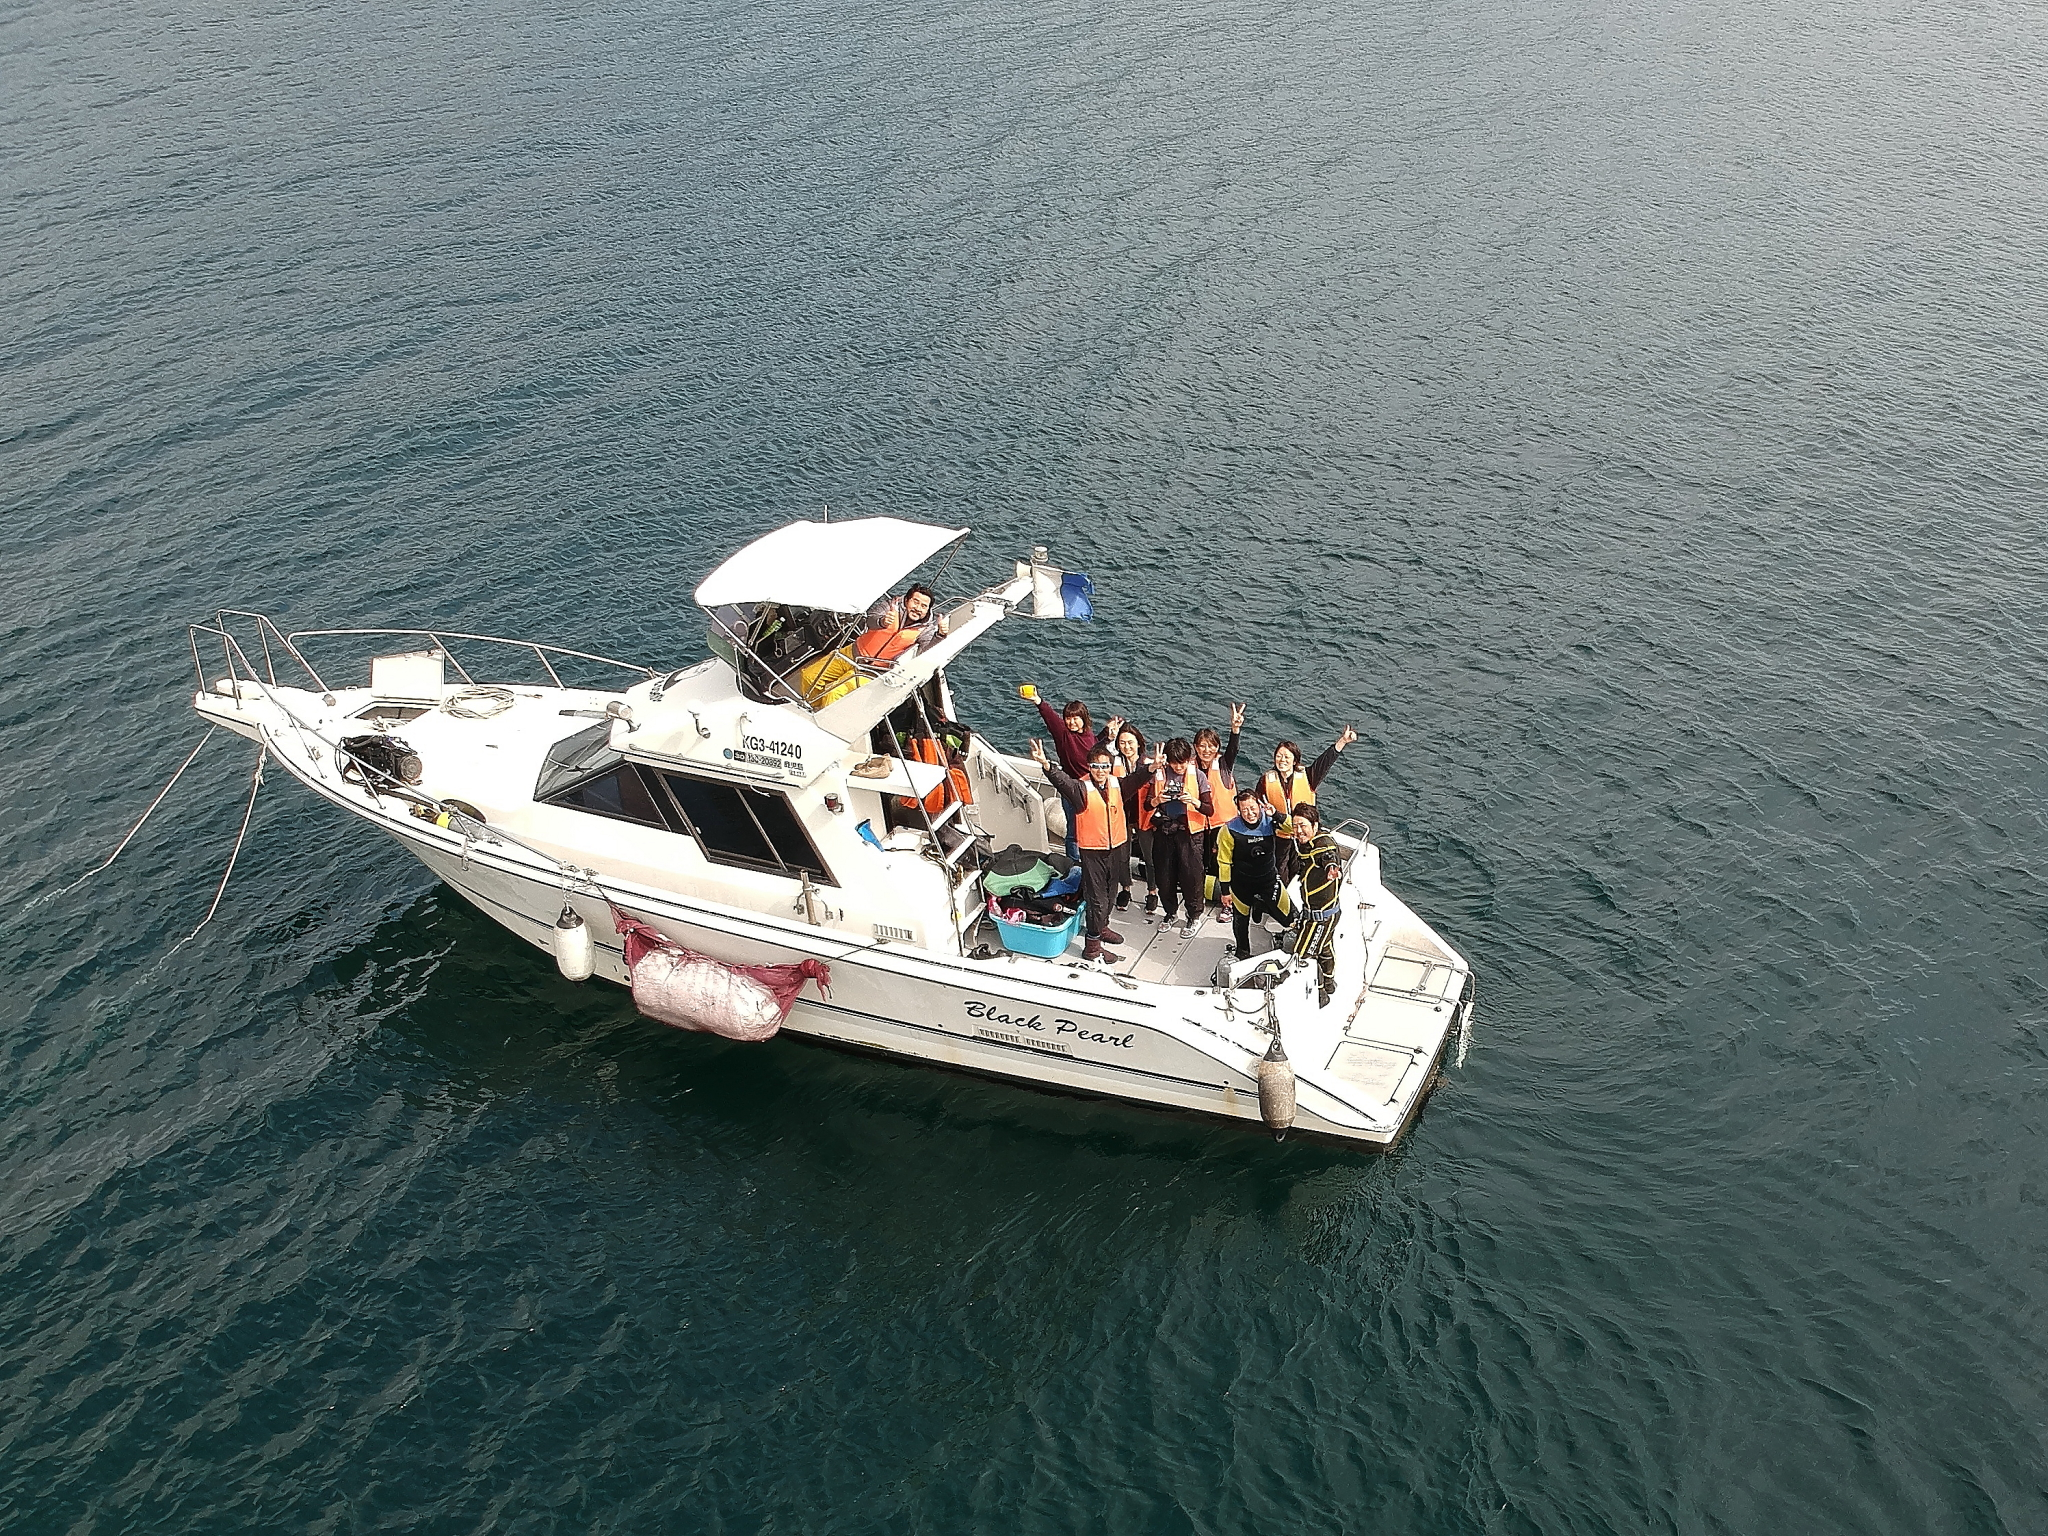 鹿児島の海2 〜錦江湾に潜る〜